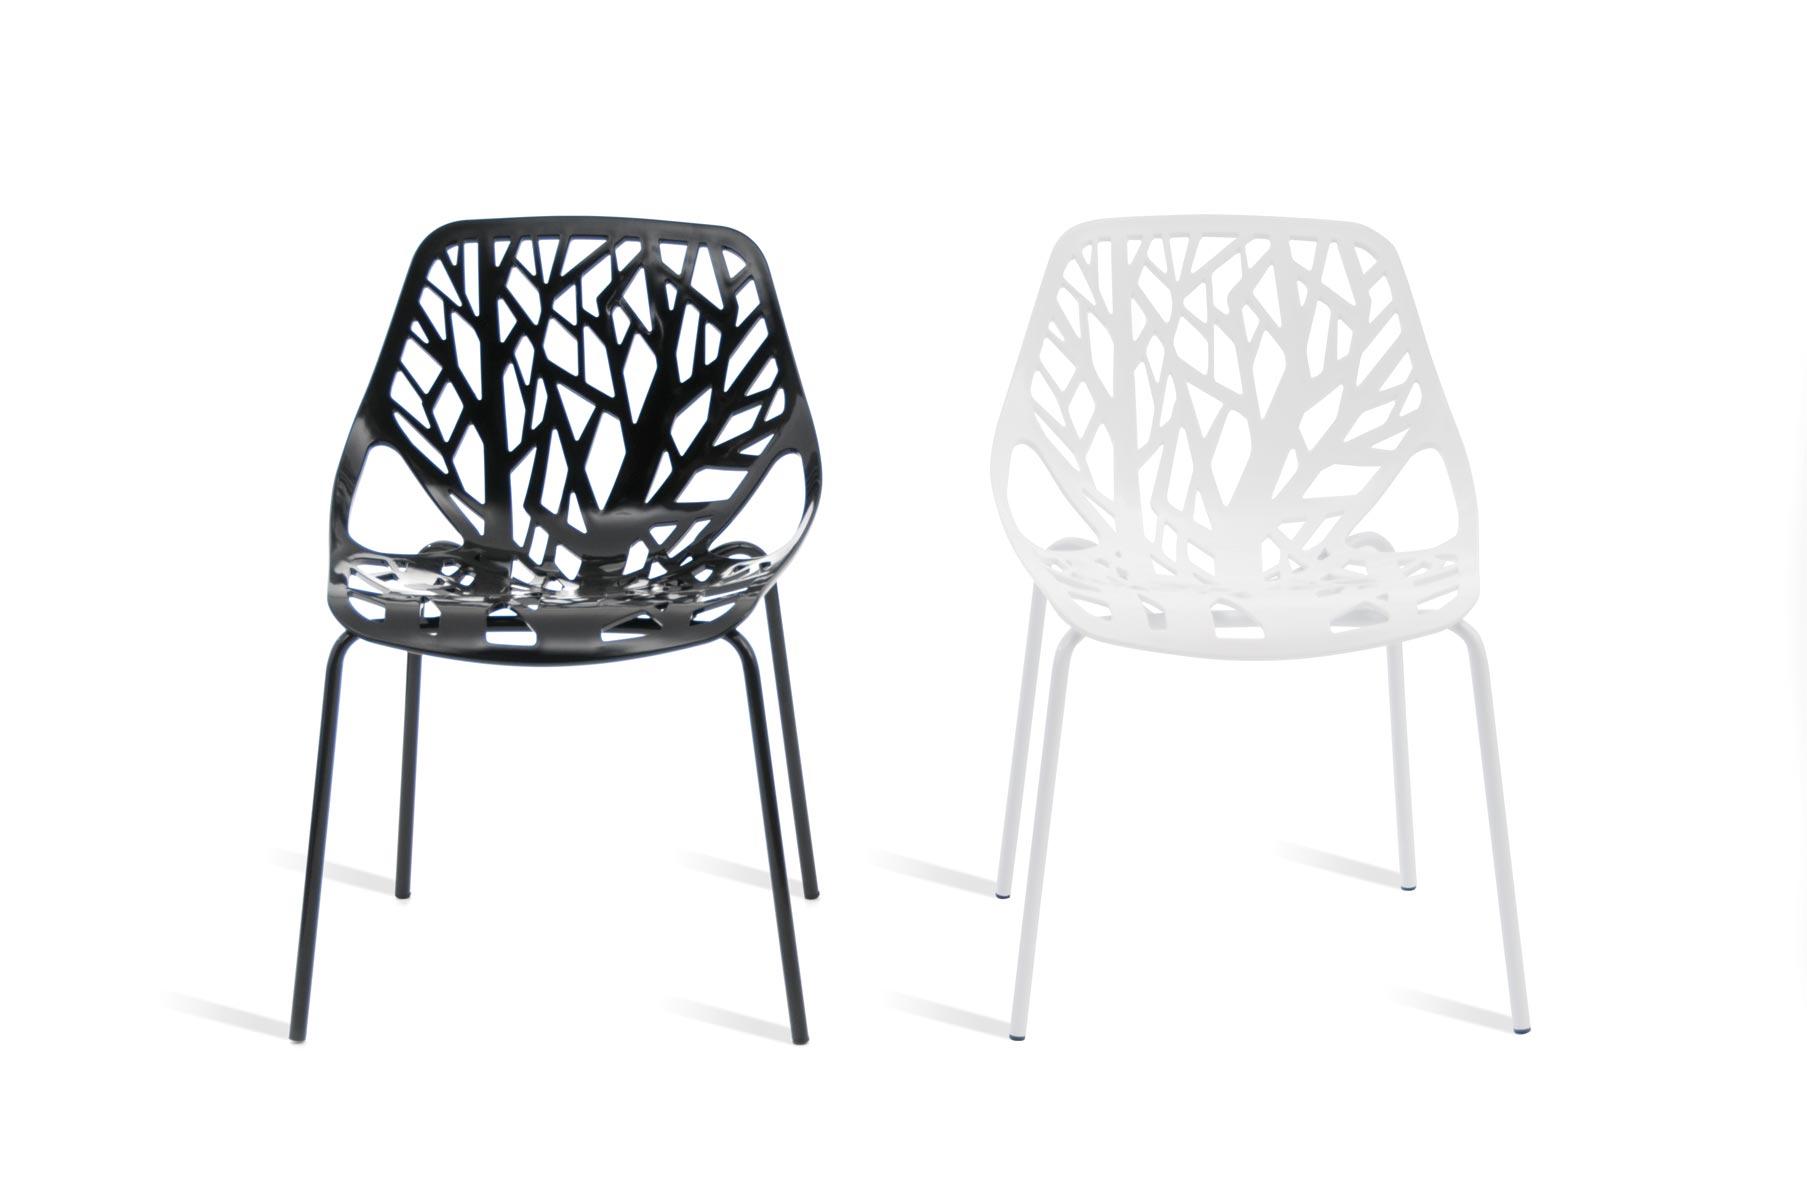 Sillas pl stico modernas for Modelos de sillas para escritorio